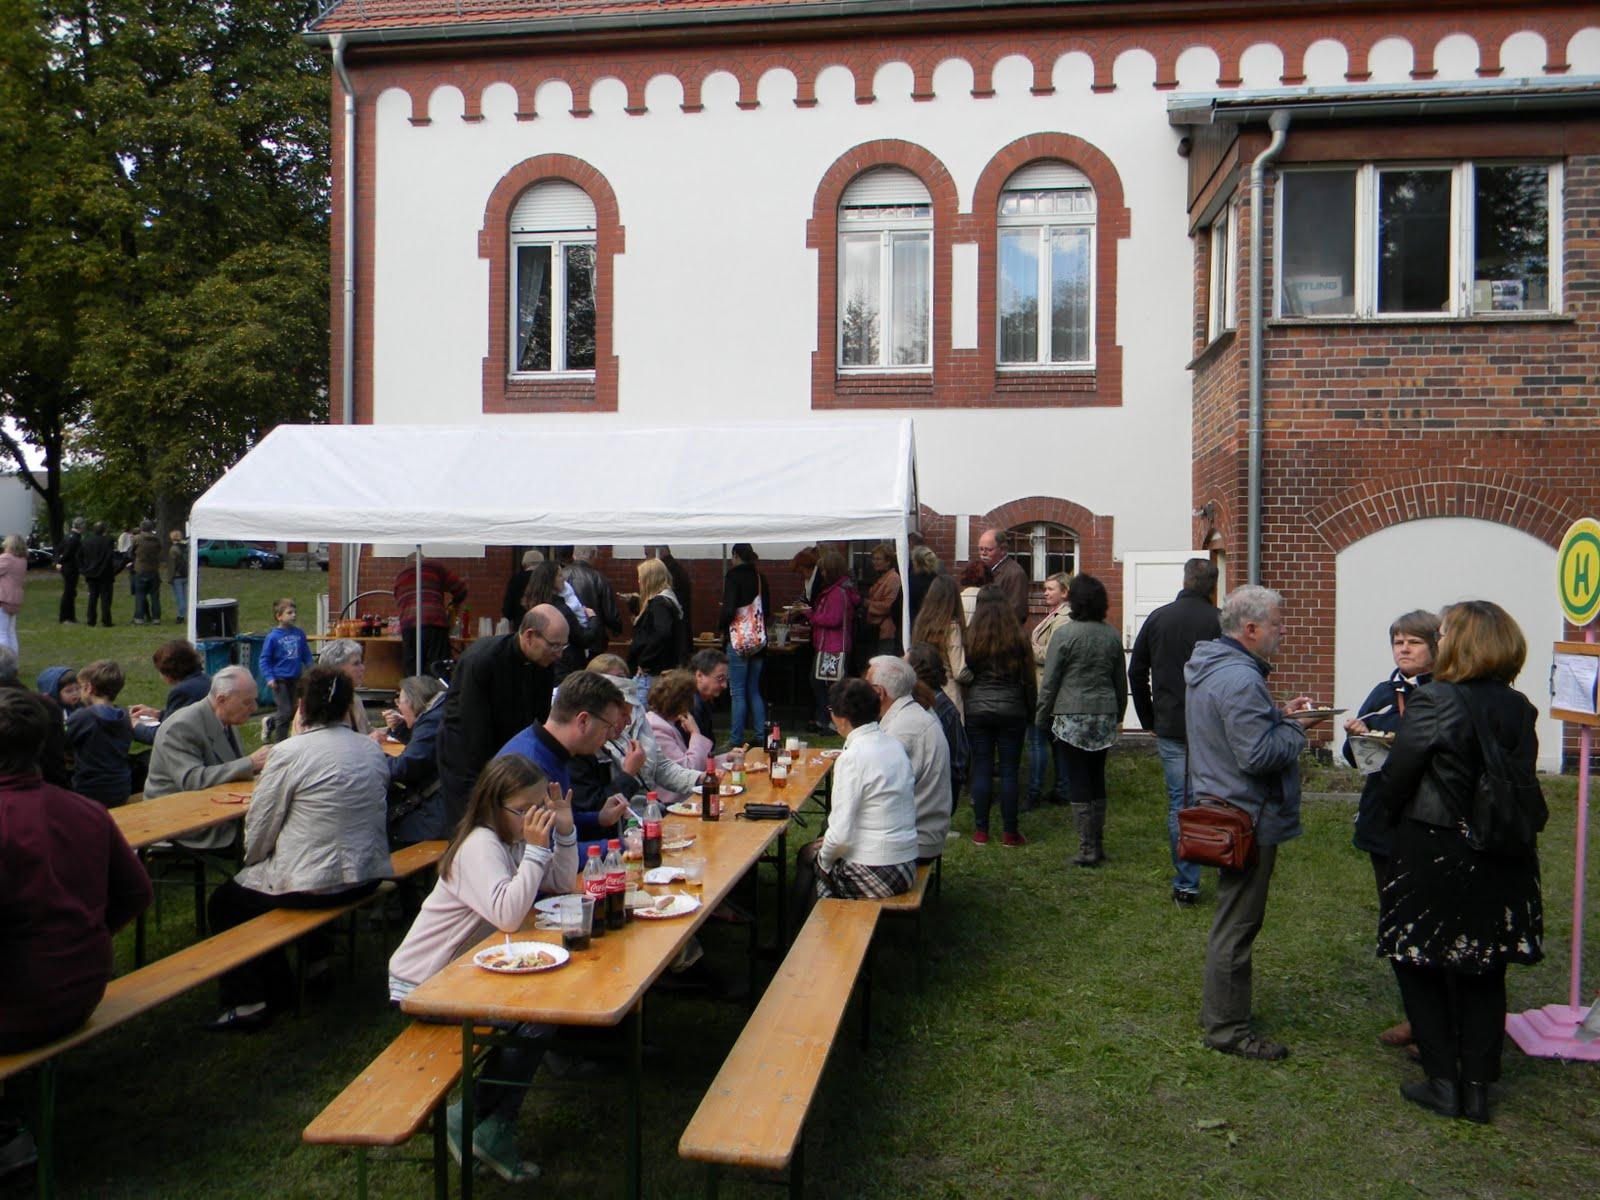 fiesta parroquial - almuerzo en jardin parroquial